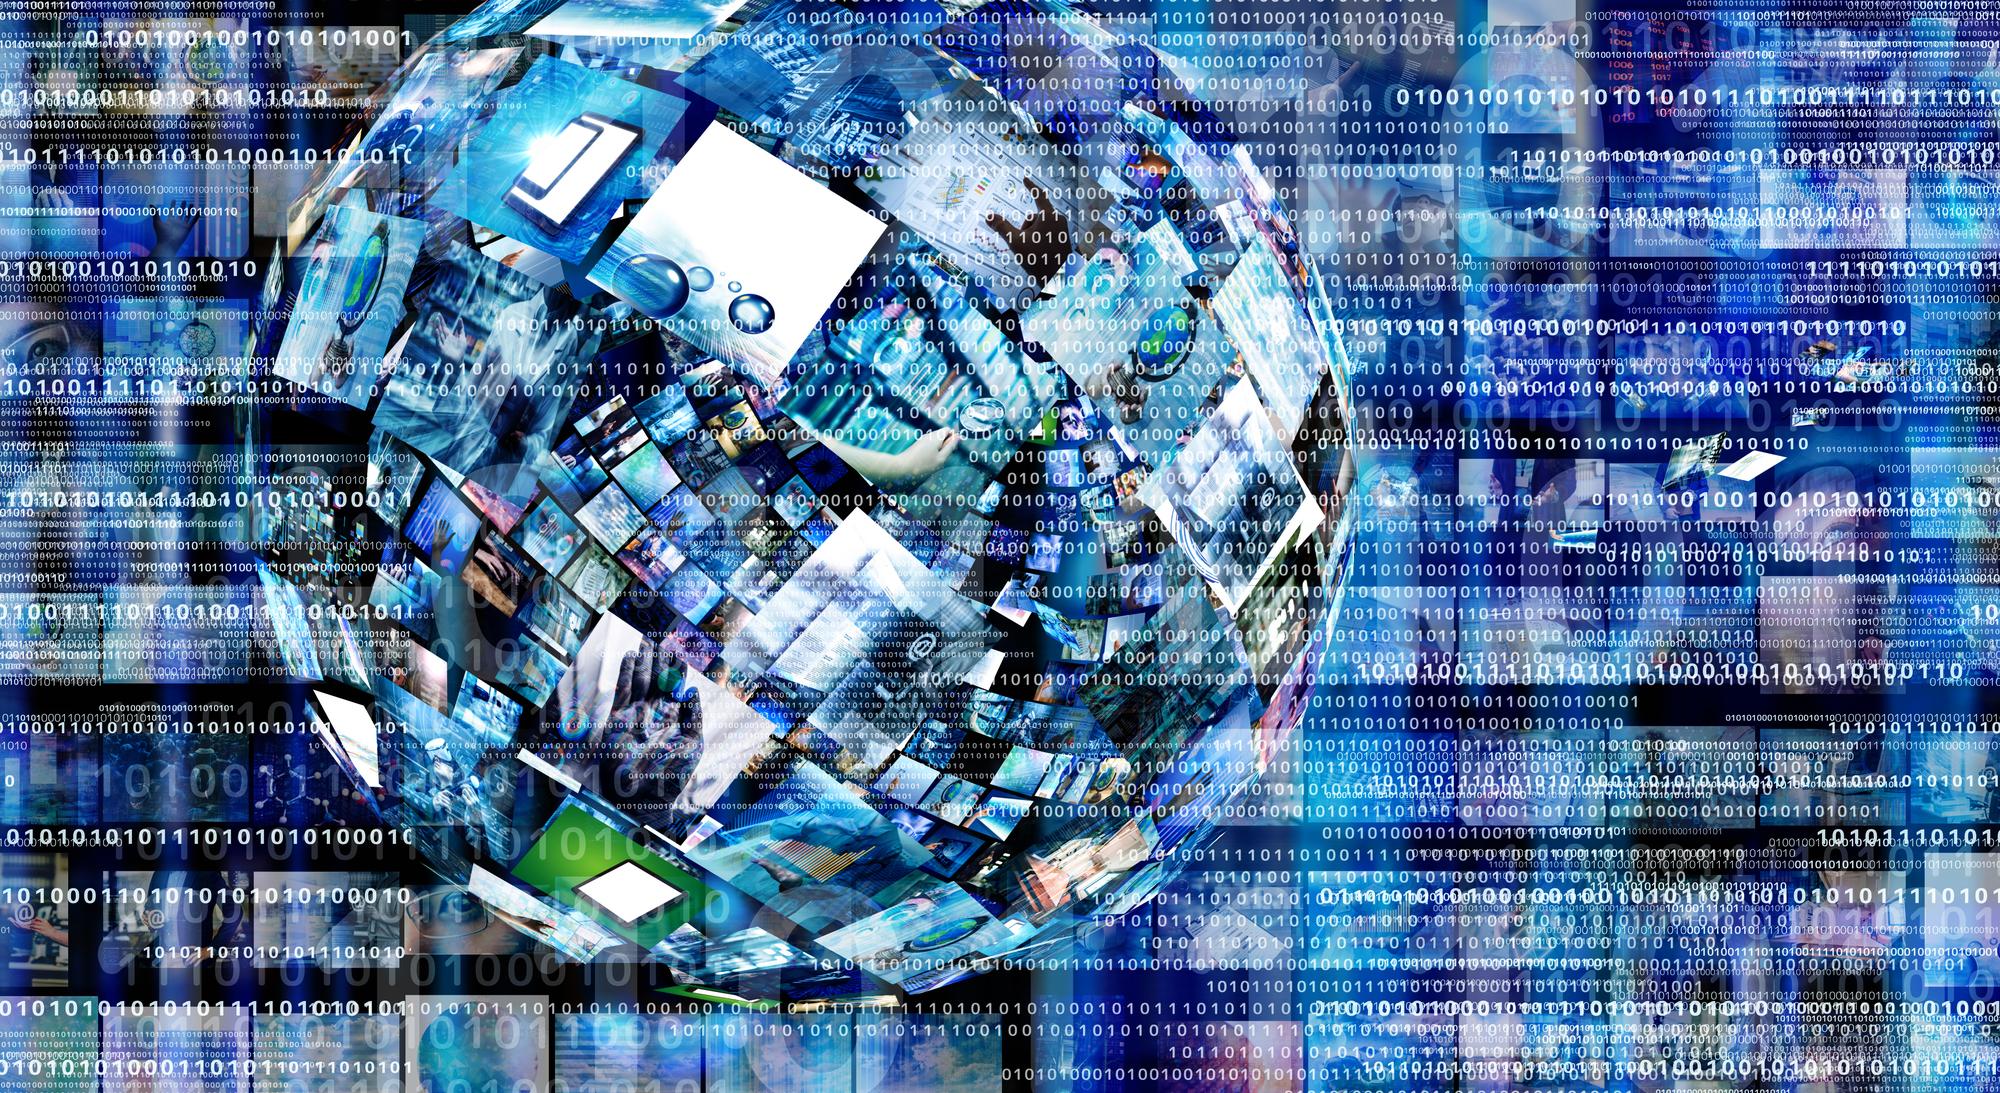 アドテクノロジーイメージ